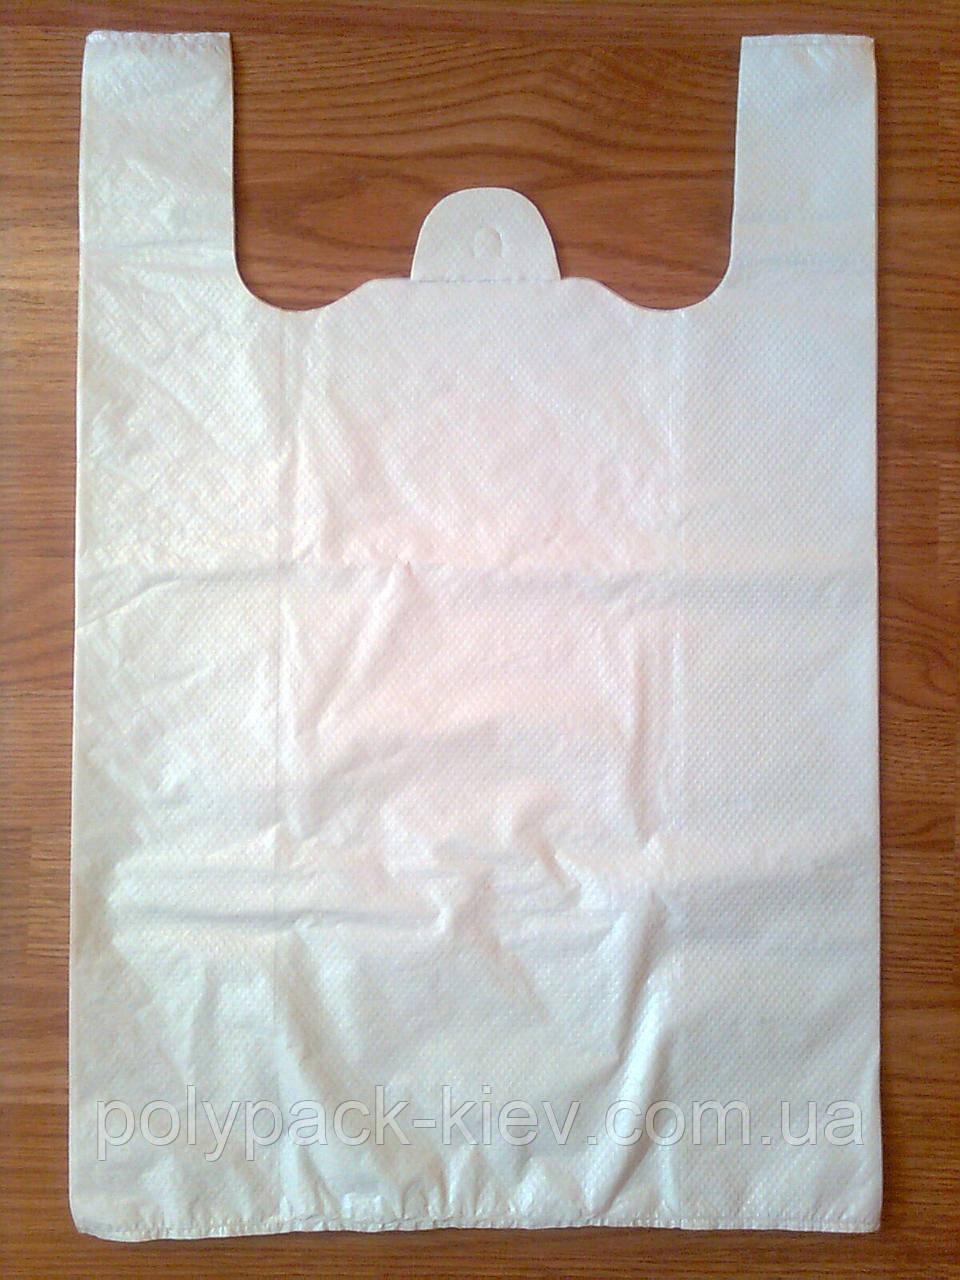 Білі пакети-майка 38х57 см/35 мкм без логотипу, поліетиленовий пакет білий без печатки купити зі складу